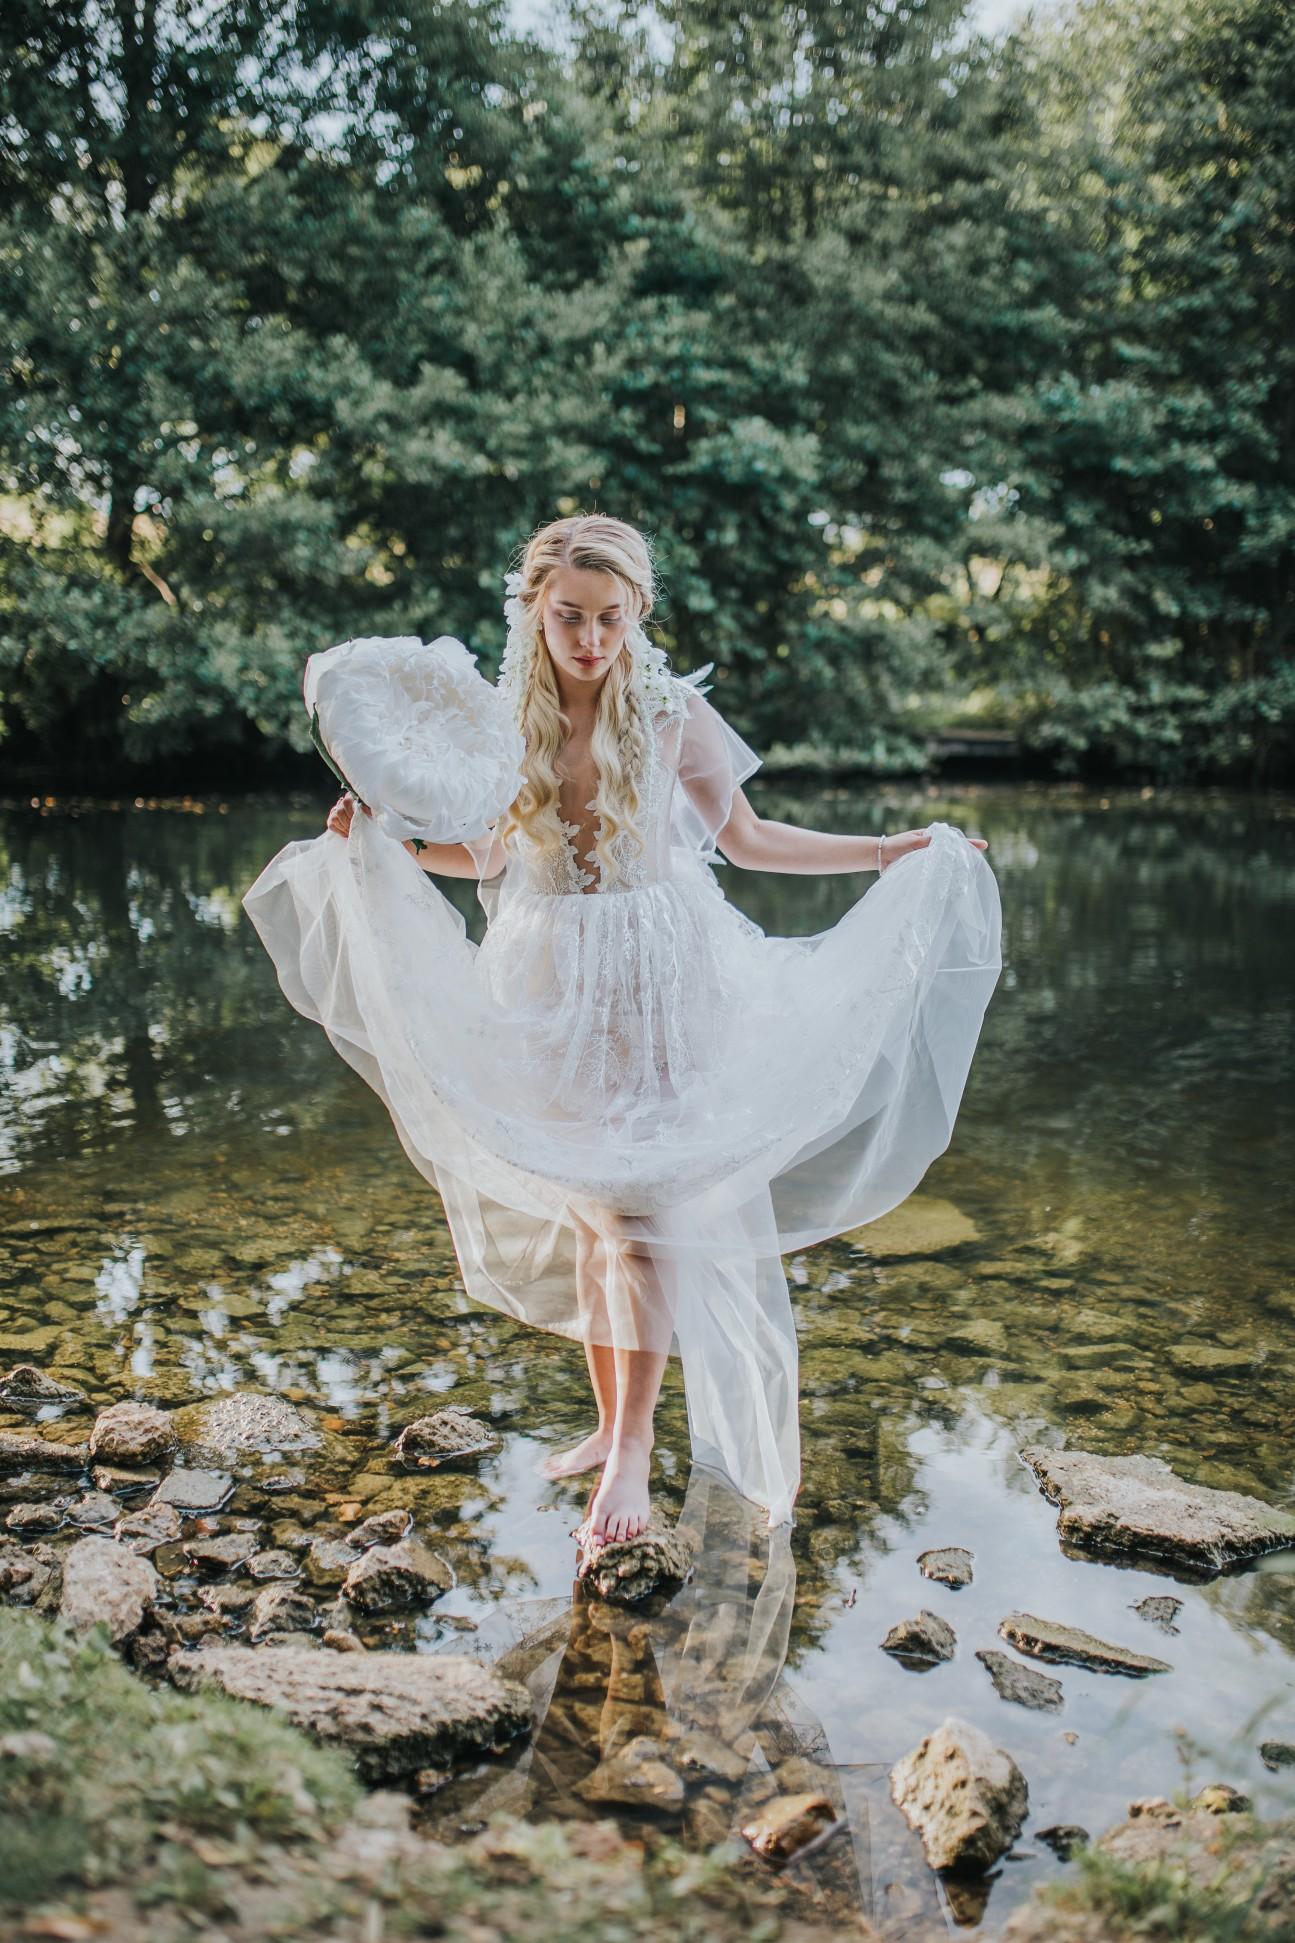 fairy wedding - whimsical wedding - magical wedding - elegant wedding dress - bride by river